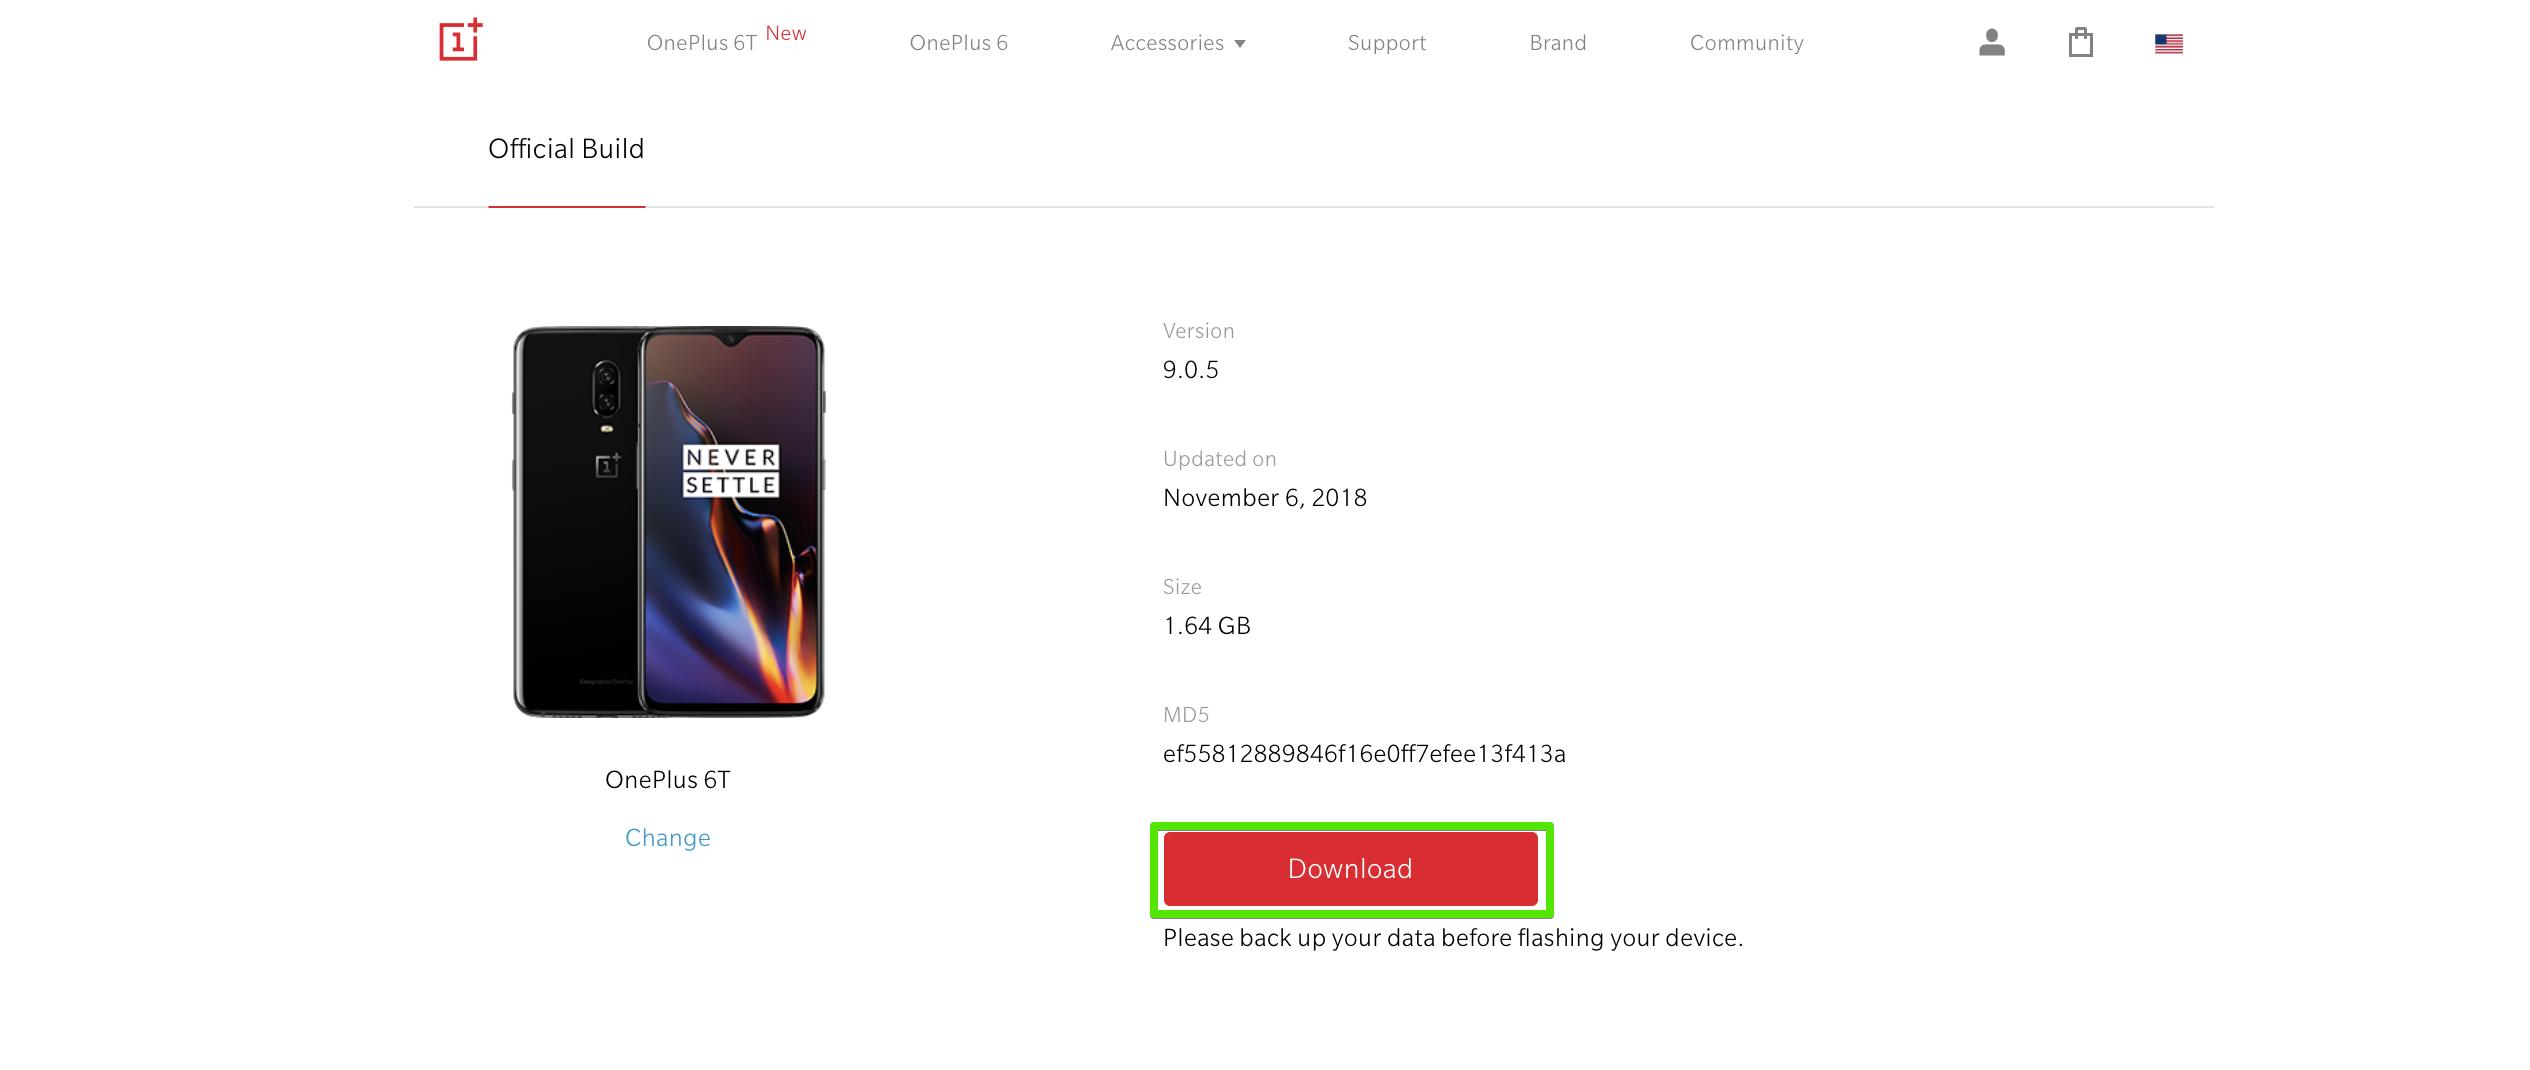 OnePlus 6Tの個別ページに入ったらダウンロードボタンを押して任意のフォルダにOSデータをダウンロードします。